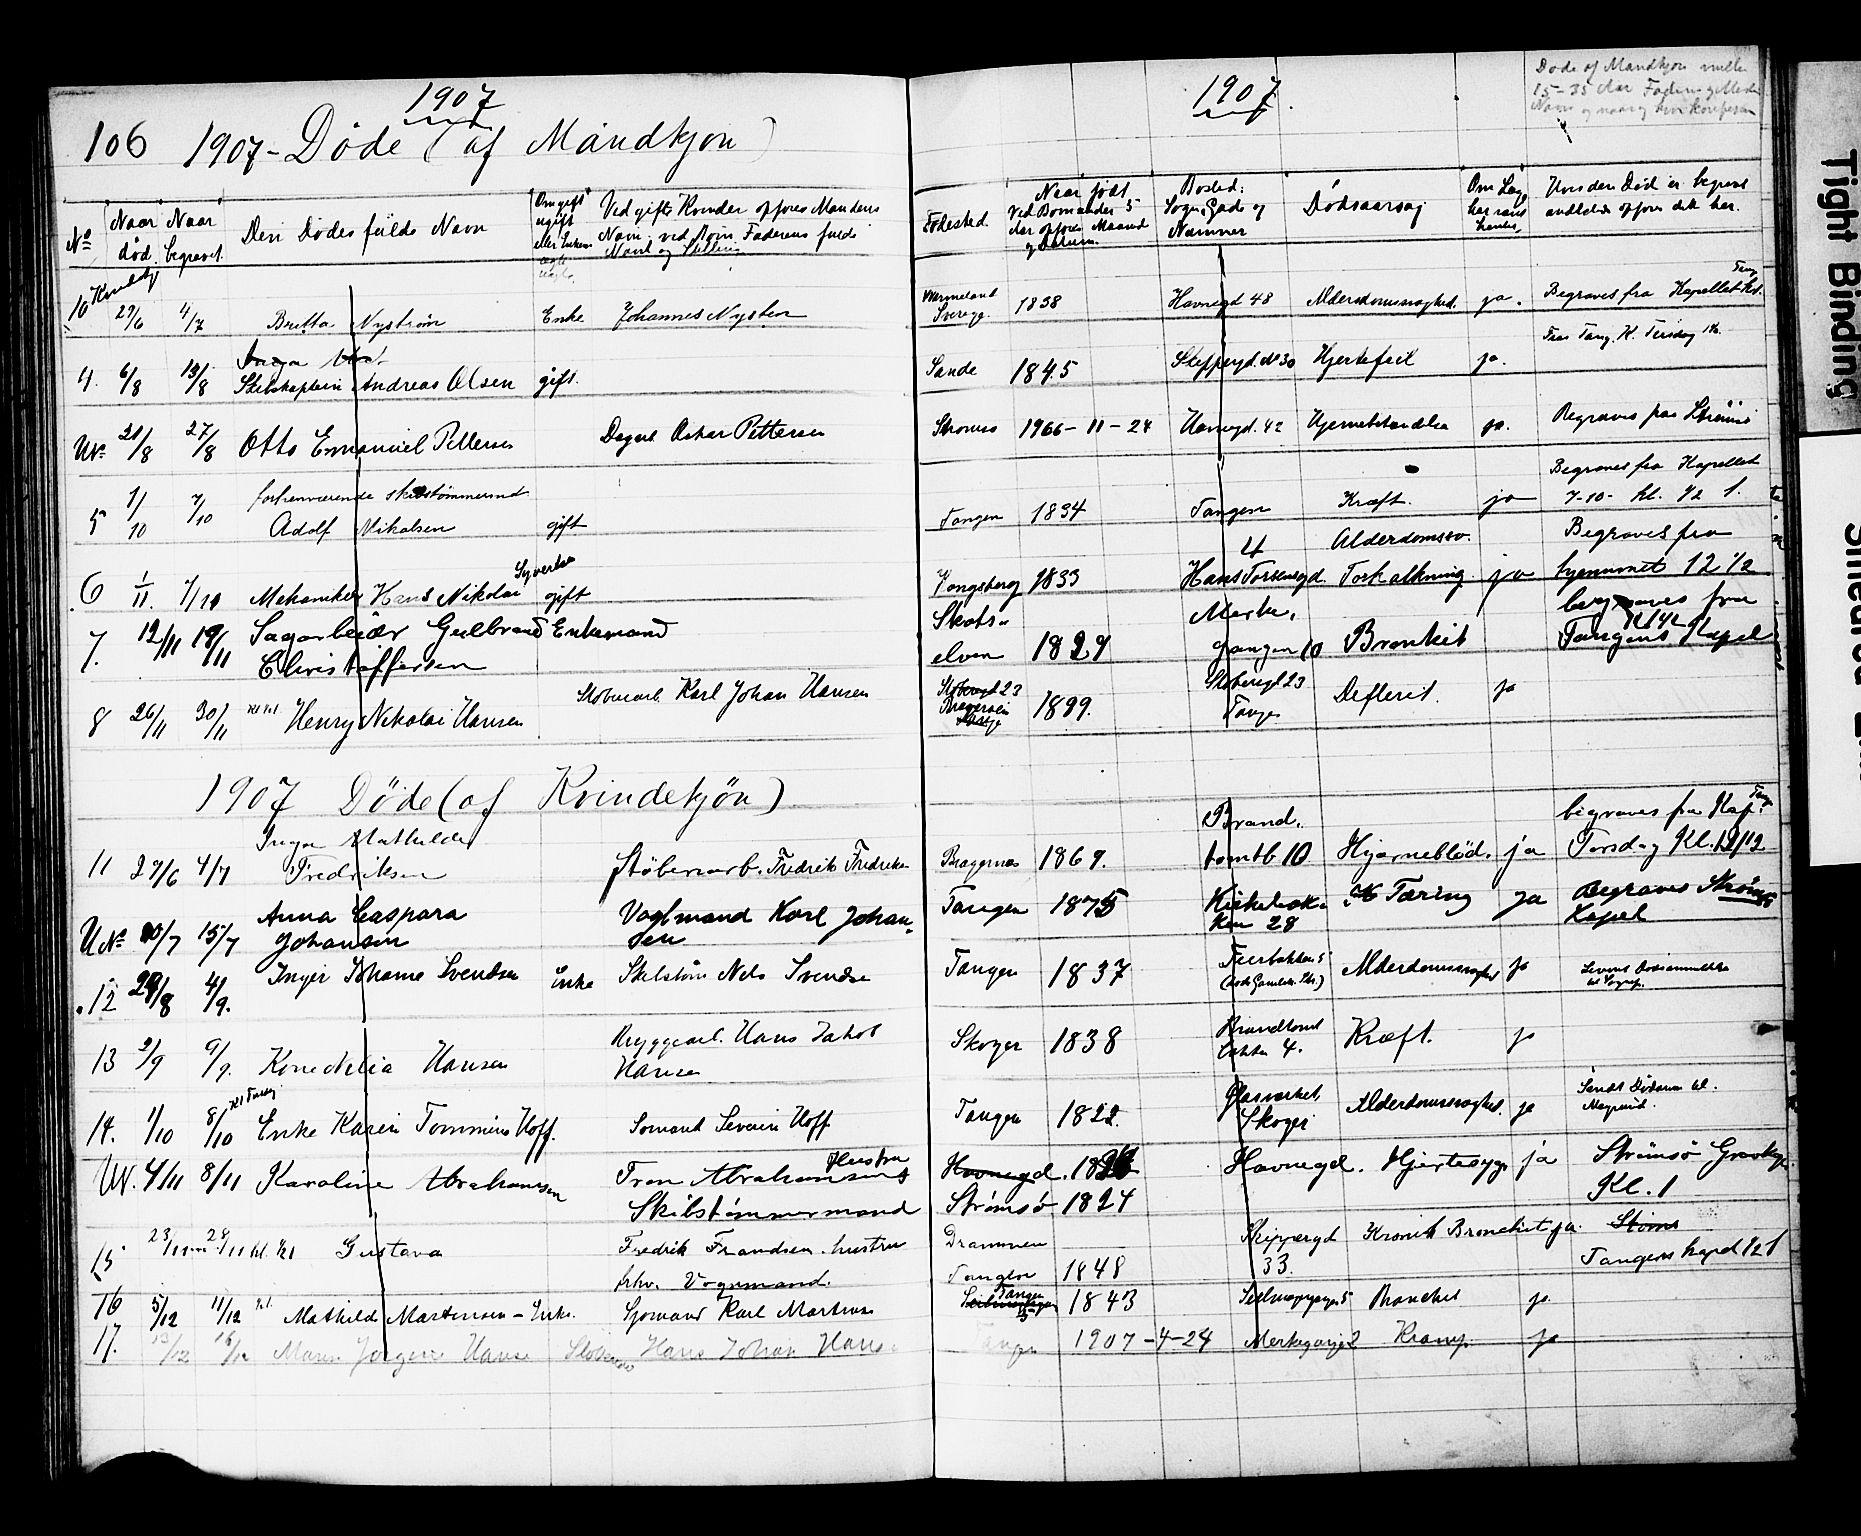 SAKO, Strømsø kirkebøker, Y/Yb/L0002: Kladd til kirkebok nr. II 2, 1907-1915, s. 106